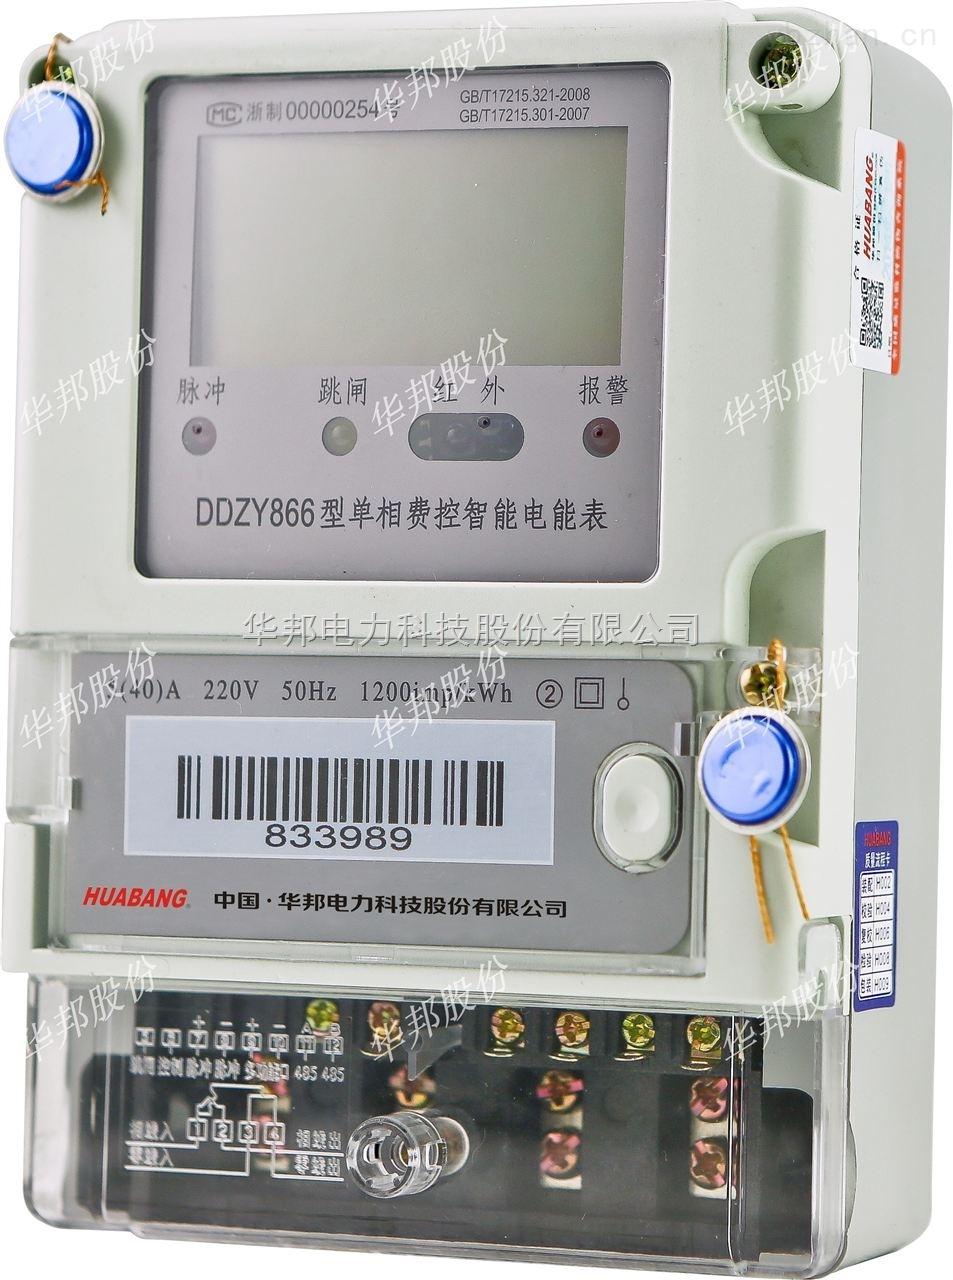 ddzy866c-z 什么是远程费控智能电表